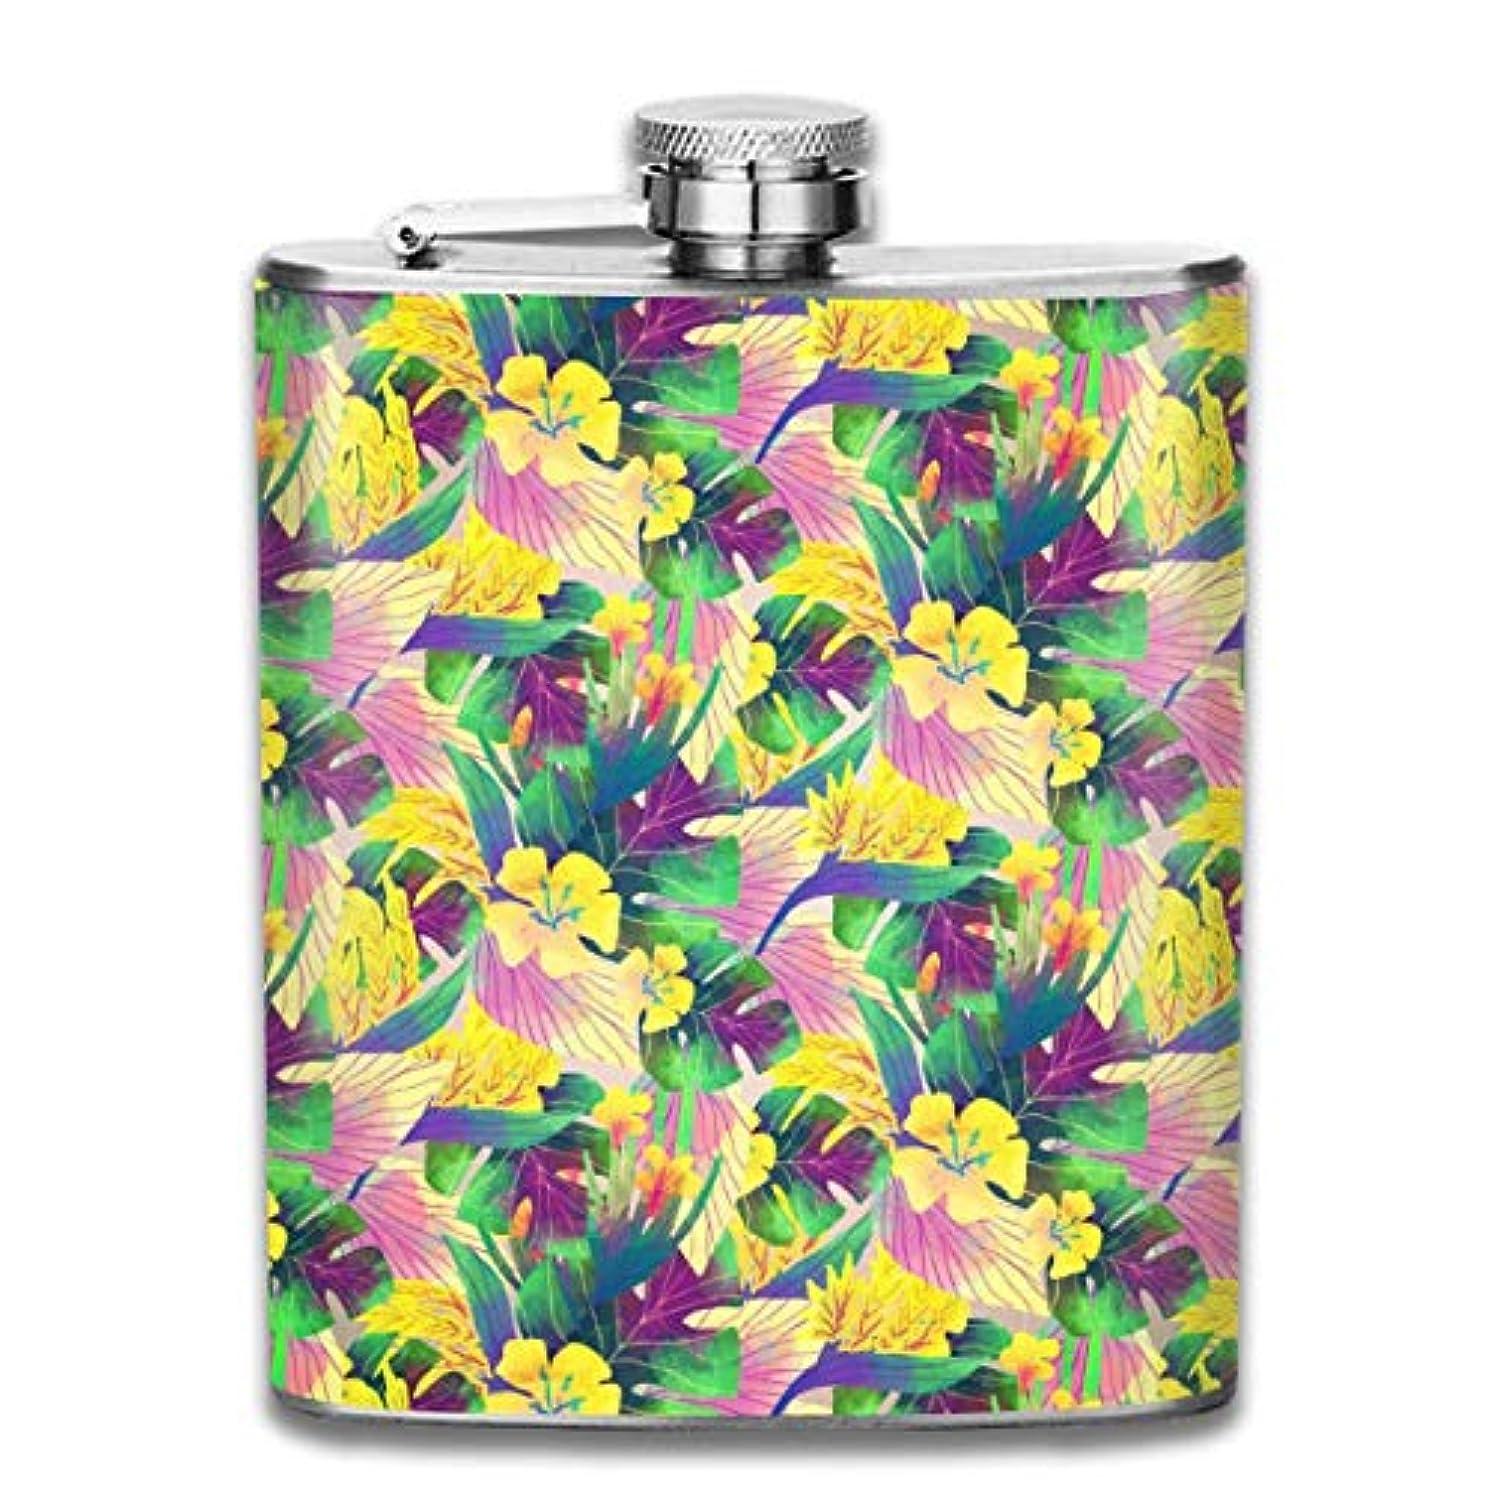 統計まさに移動美しい花フラスコ スキットル ヒップフラスコ 7オンス 206ml 高品質ステンレス製 ウイスキー アルコール 清酒 携帯 ボトル